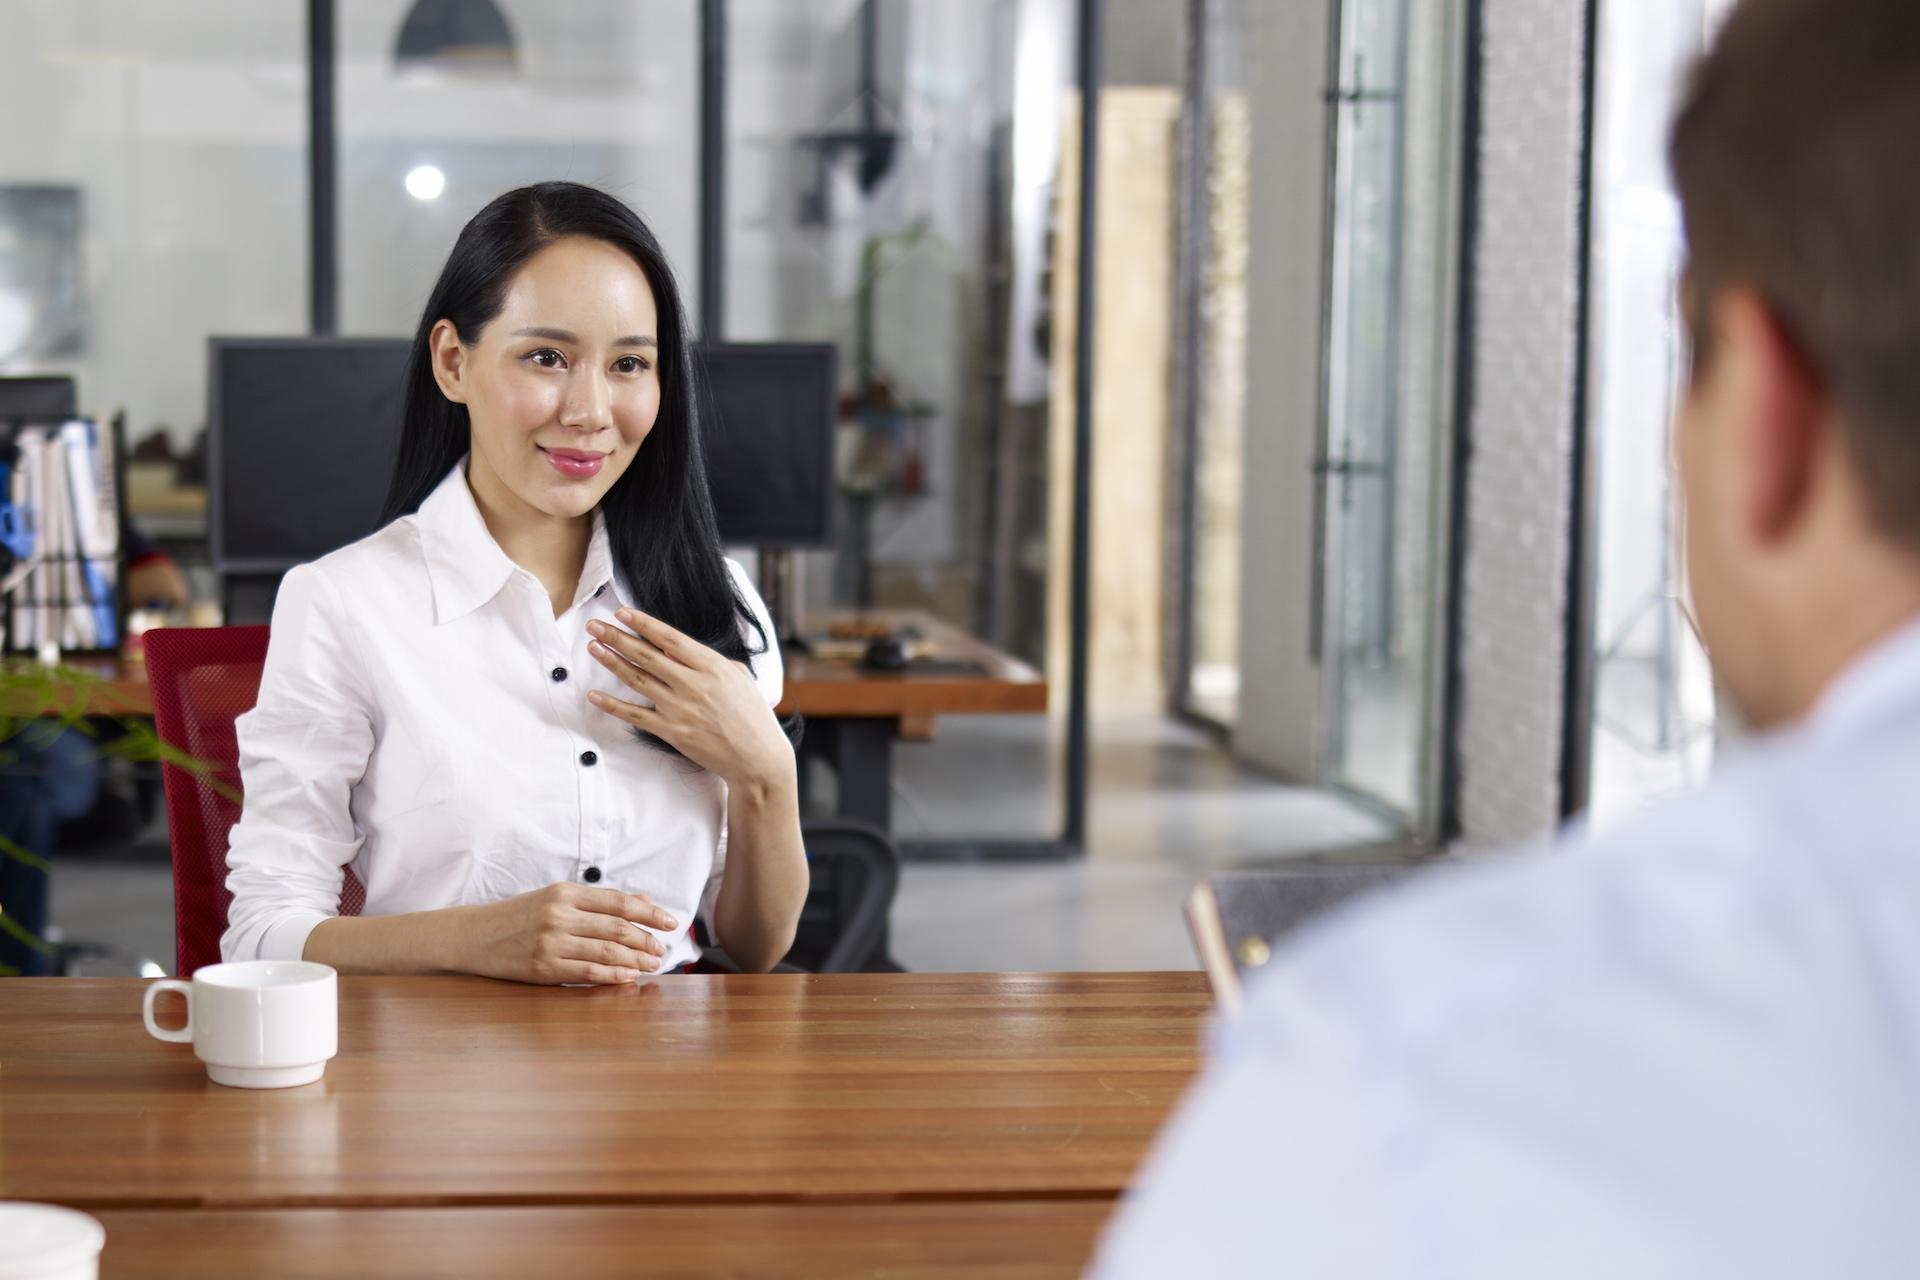 【海外工作系列】在上海,外來求職者怎麼辦?-巧妙設定自己的賣點